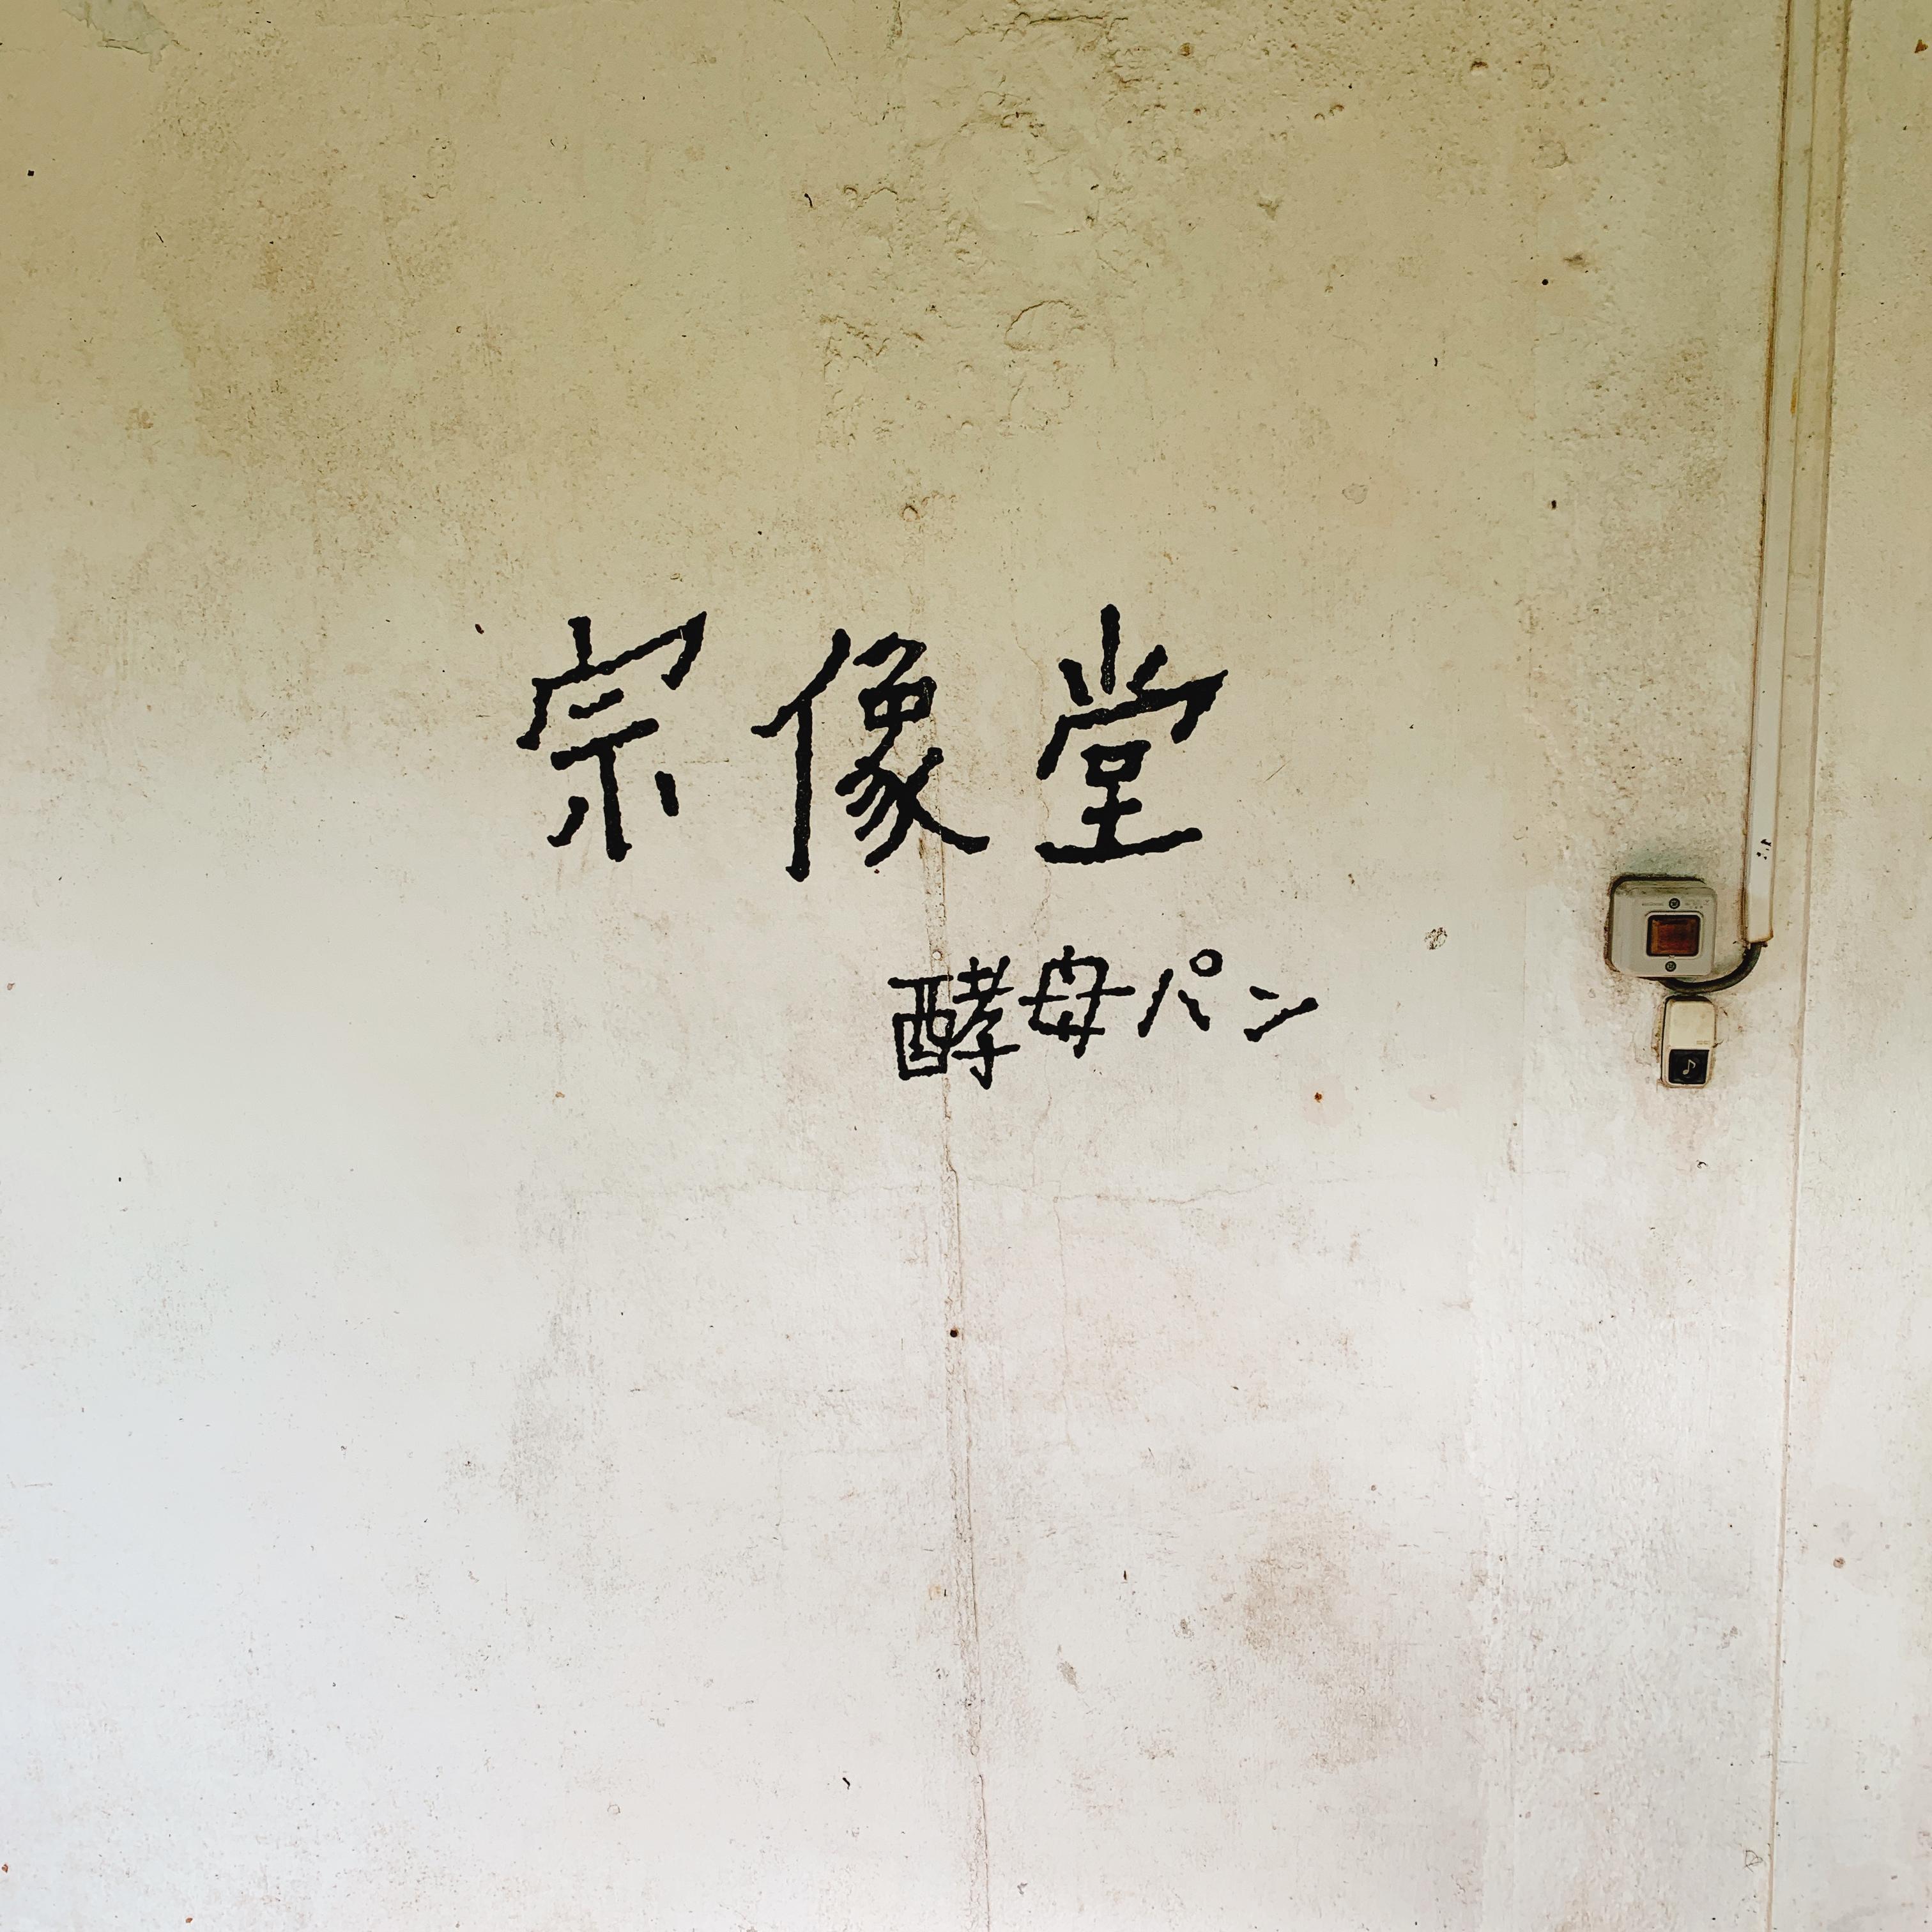 沖縄ツウのあなたへおすすめ★スポット【買い物】